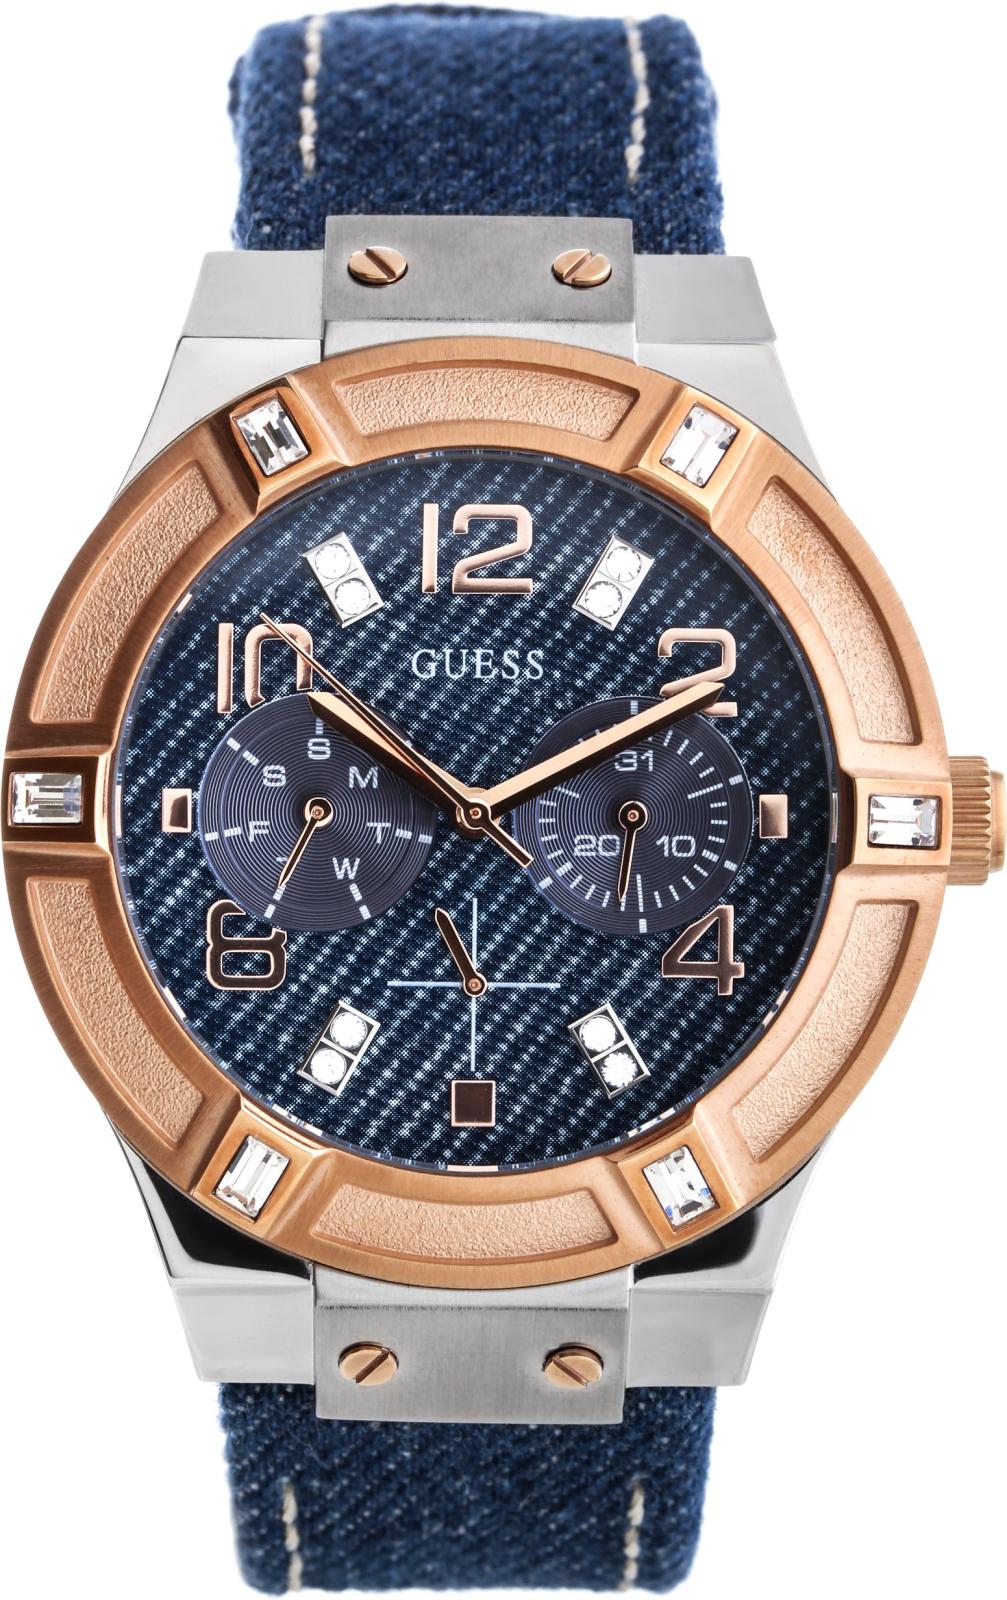 Guess Jet Setter W0289L1Наручные часы<br>Американские часы Guess Jet Setter W0289L1<br><br>Пол: Женские<br>Страна-производитель: США<br>Механизм: Кварцевый<br>Материал корпуса: Сталь<br>Материал ремня/браслета: Кожа+текстиль<br>Водозащита, диапазон: 20 - 100 м<br>Стекло: Минеральное<br>Толщина корпуса: 11 мм<br>Стиль: Мода